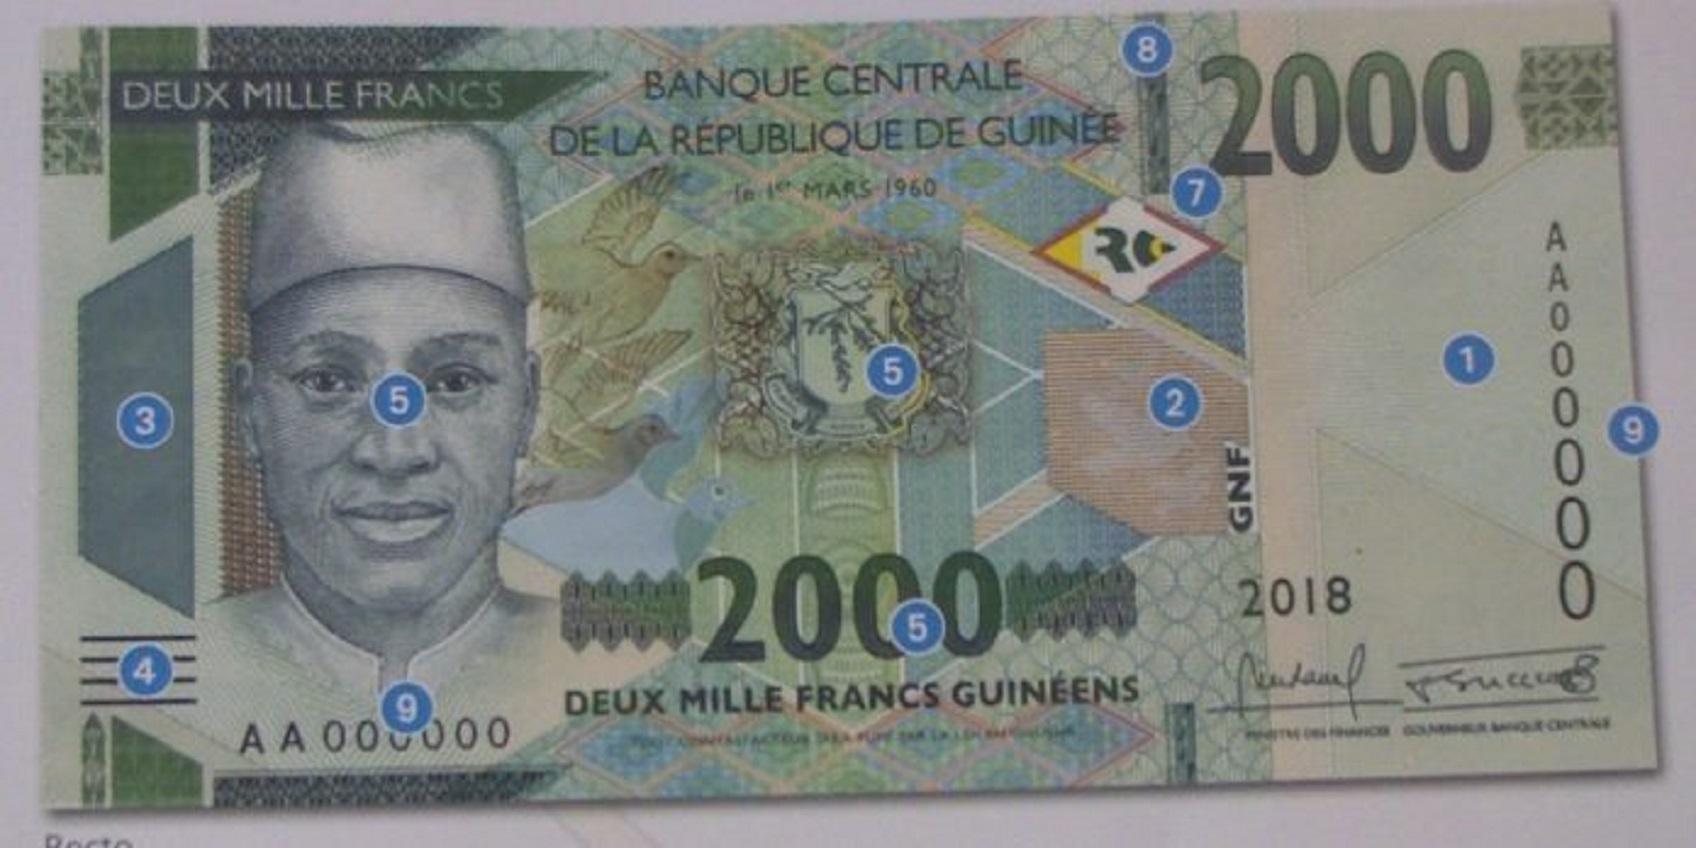 Un nouvelle coupure de billet de 2000 mise en circulation